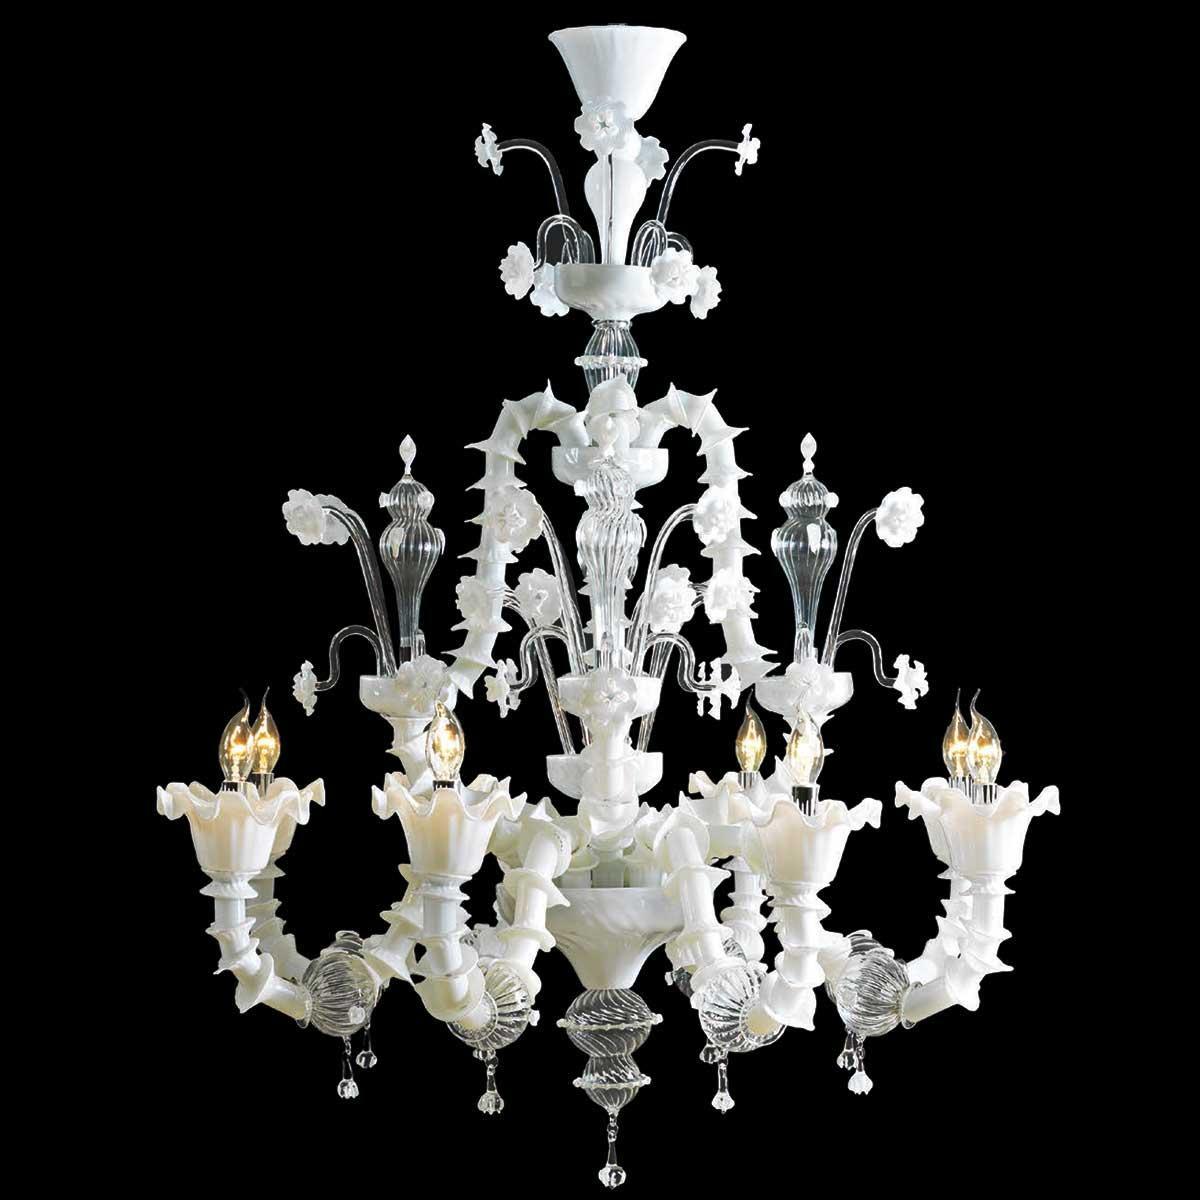 """""""Alessandra"""" lampara de araña de Murano - 8 luces - blanco y transparente"""